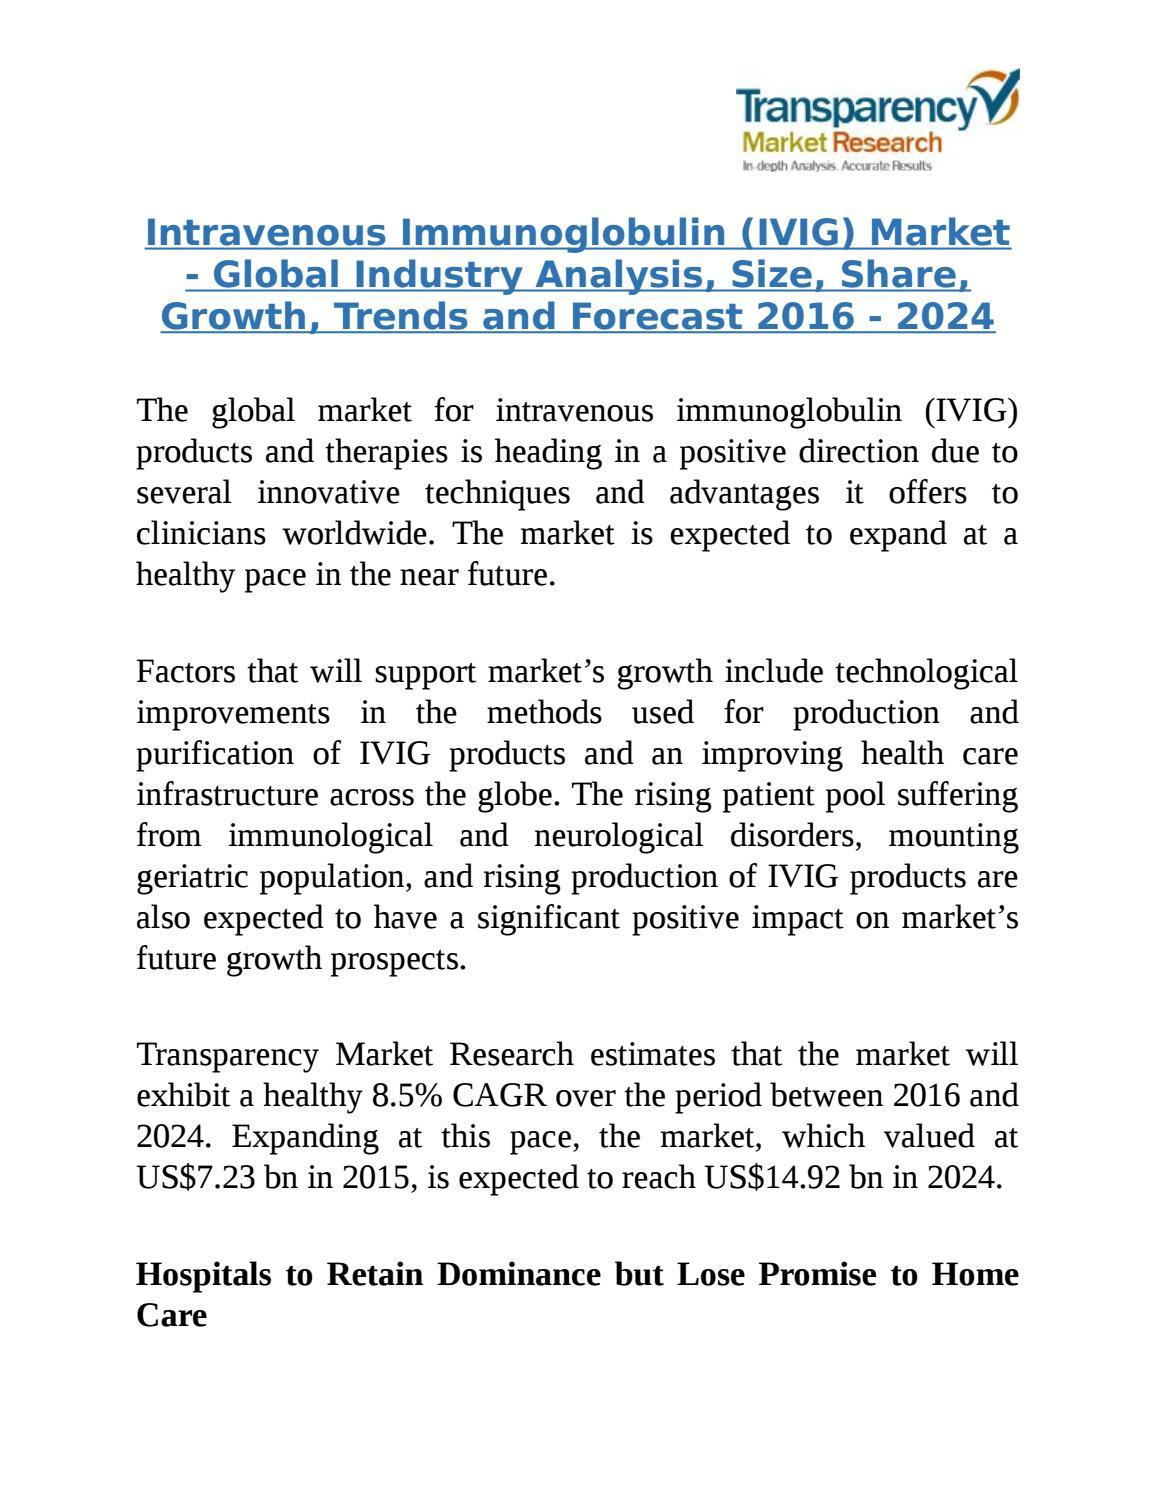 Intravenous Immunoglobulin (IVIG) Market by MarketTrends - issuu